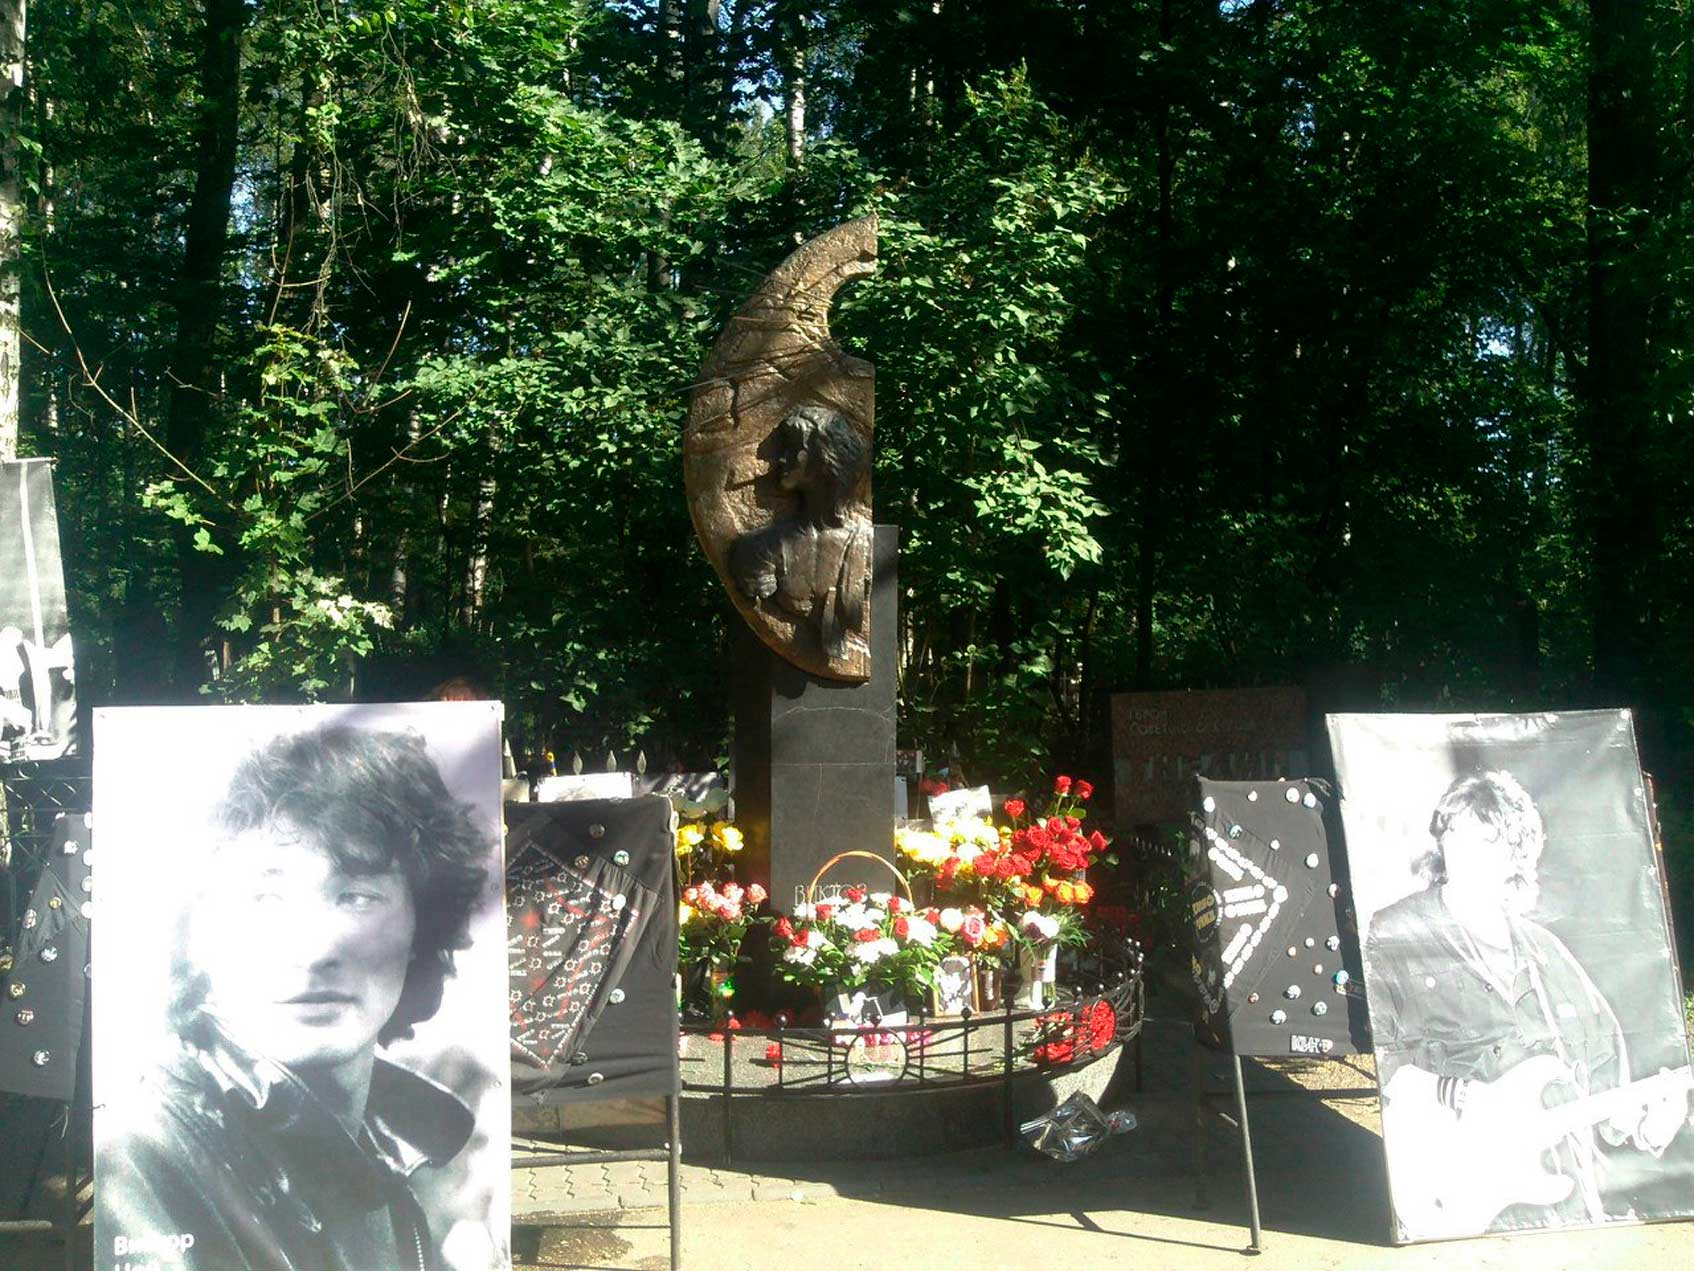 Могила Виктора Цоя (1962-1990) на Богословском кладбище Санкт-Петербурга